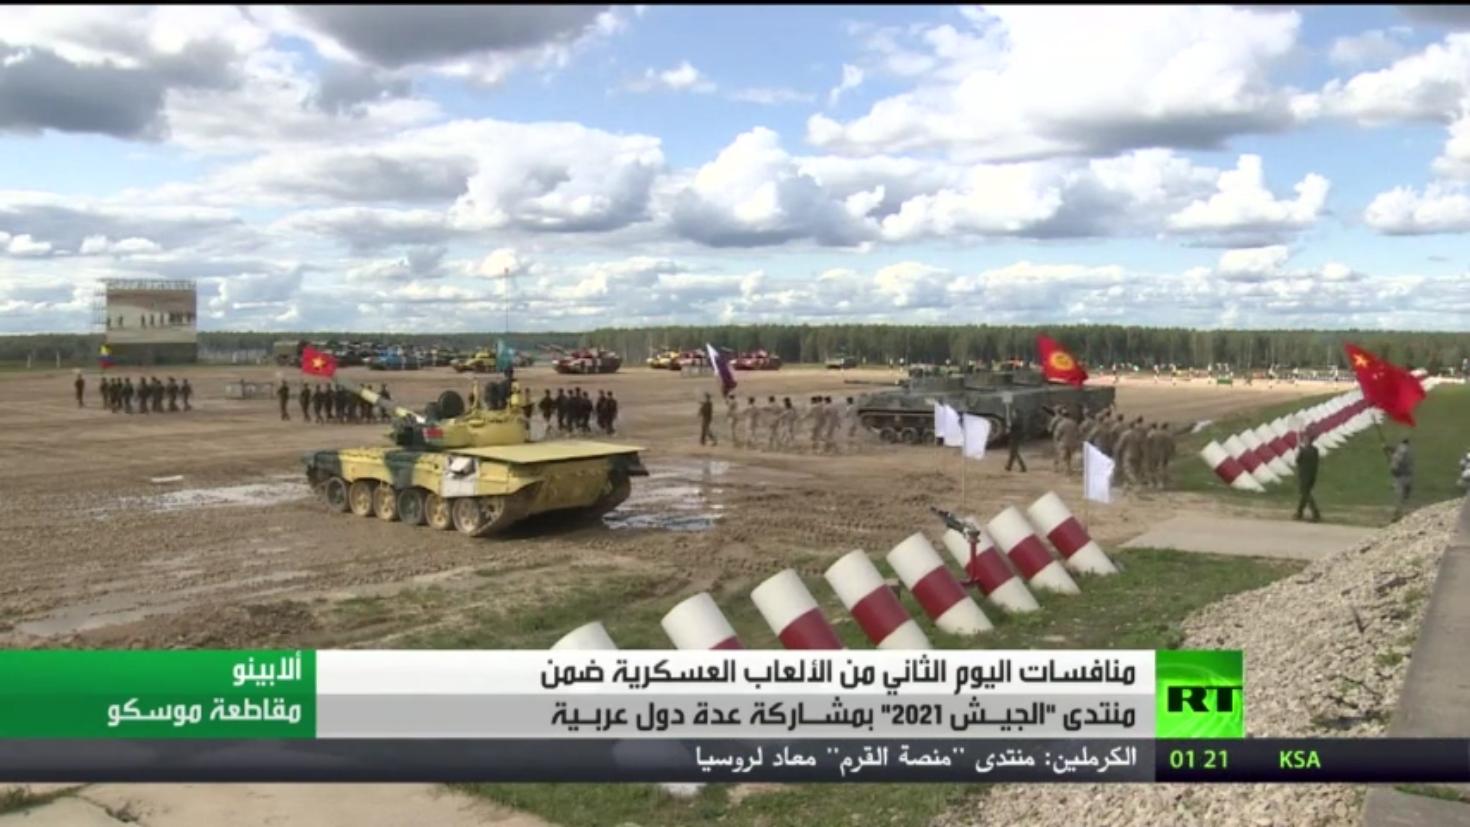 انطلاق الألعاب العسكرية الدولية بضواحي موسكو